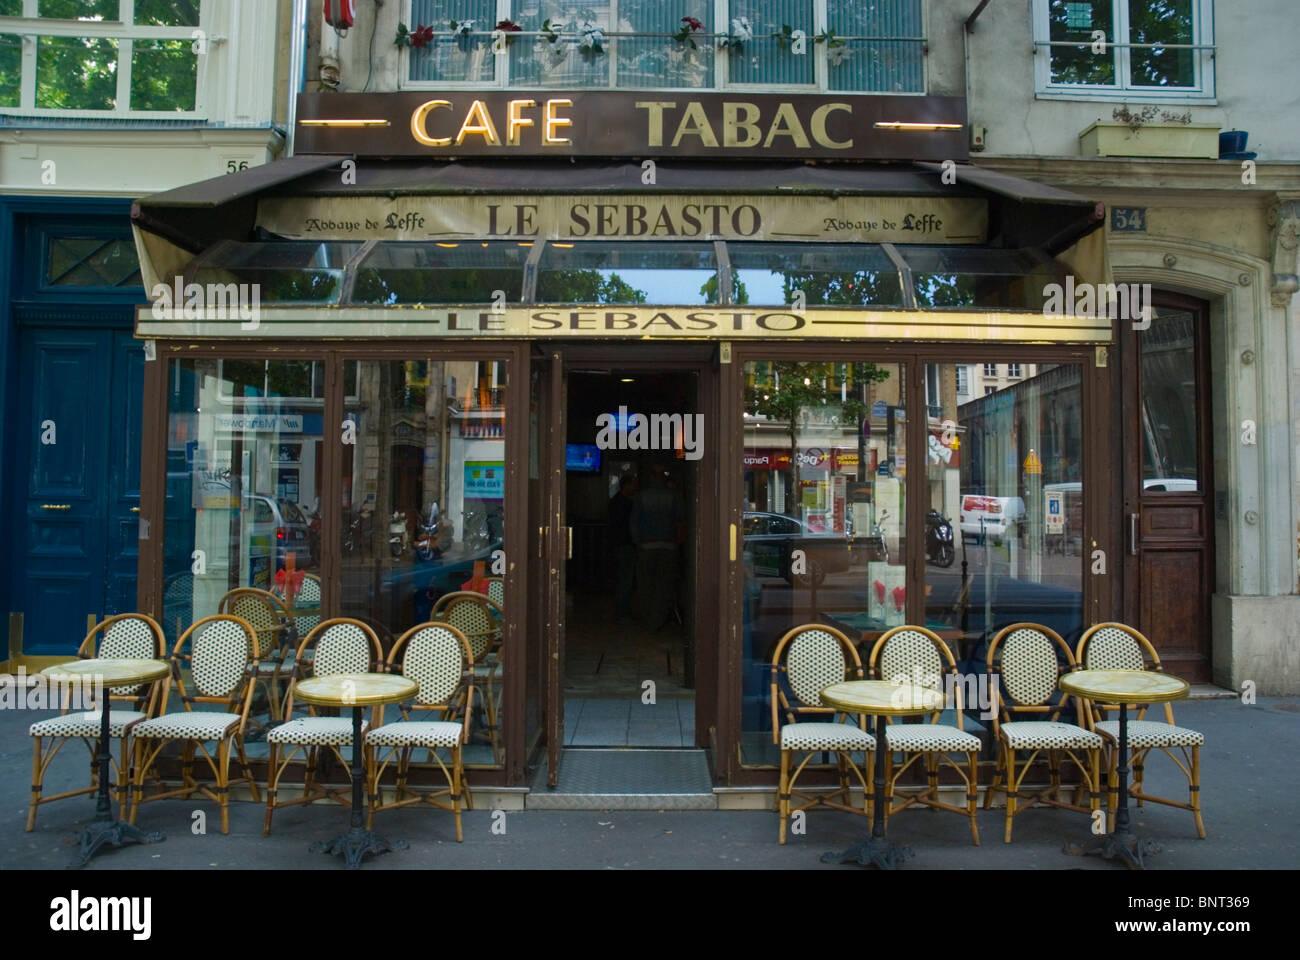 Cafe tabac le sebasto in le marais district central paris for Salon du tabac paris